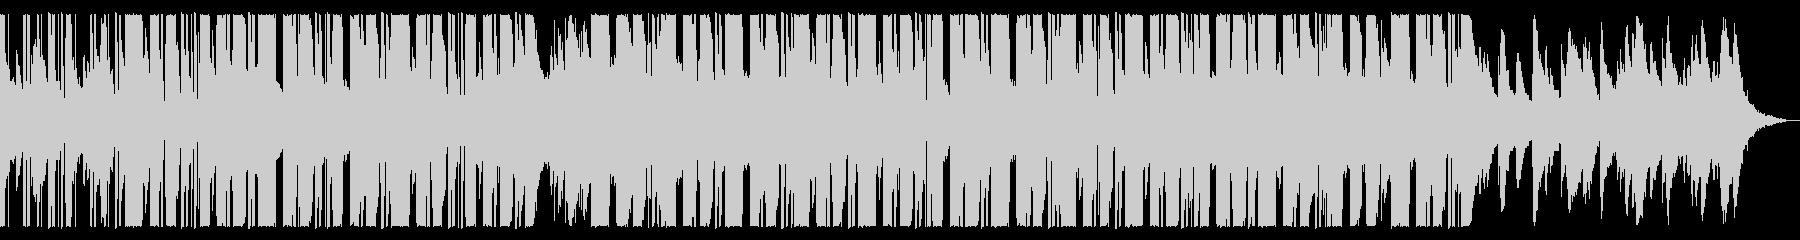 少し切ない冬の始まりピアノチルホップの未再生の波形